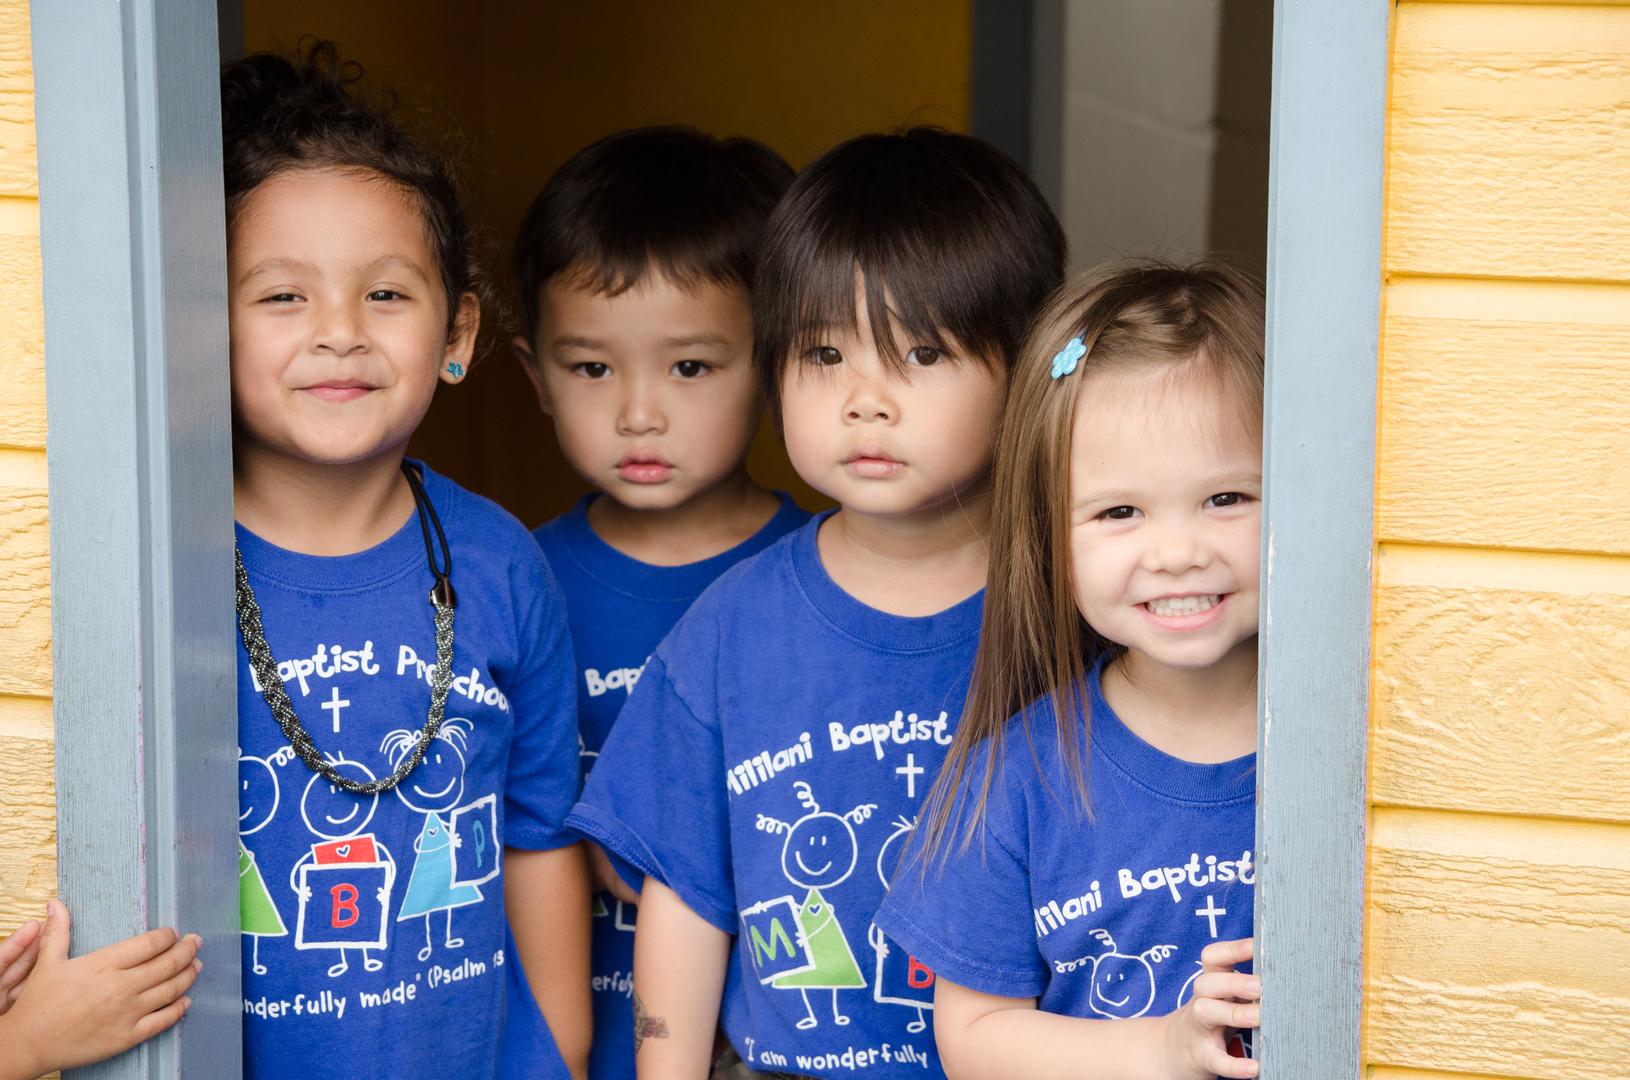 Mililani Baptist Preschool